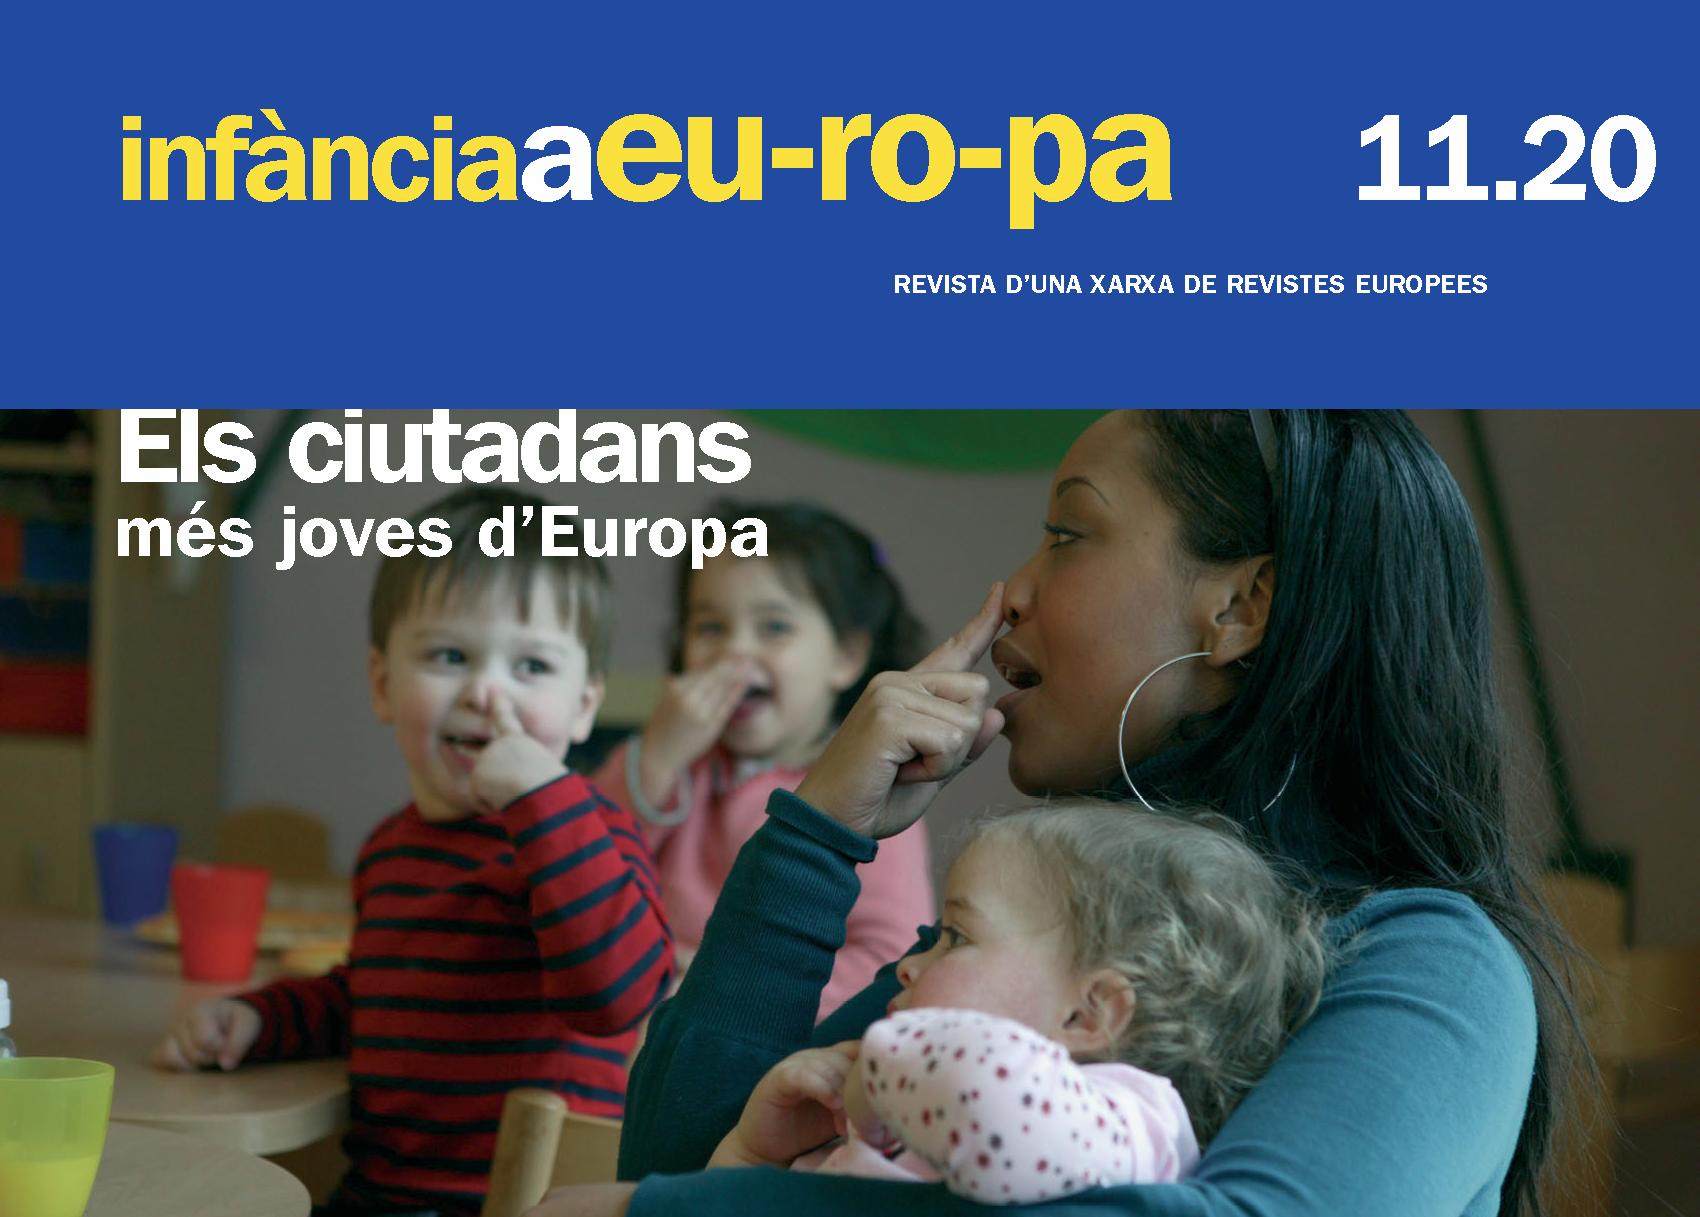 Els ciutadans més joves d'Europa